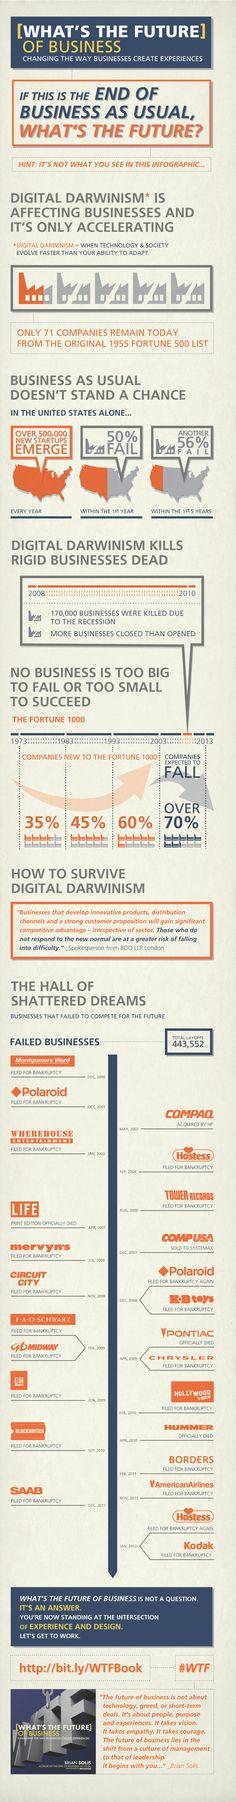 Digitaler Darwinismus - der Wettbewerb der Geschäftsmodelle